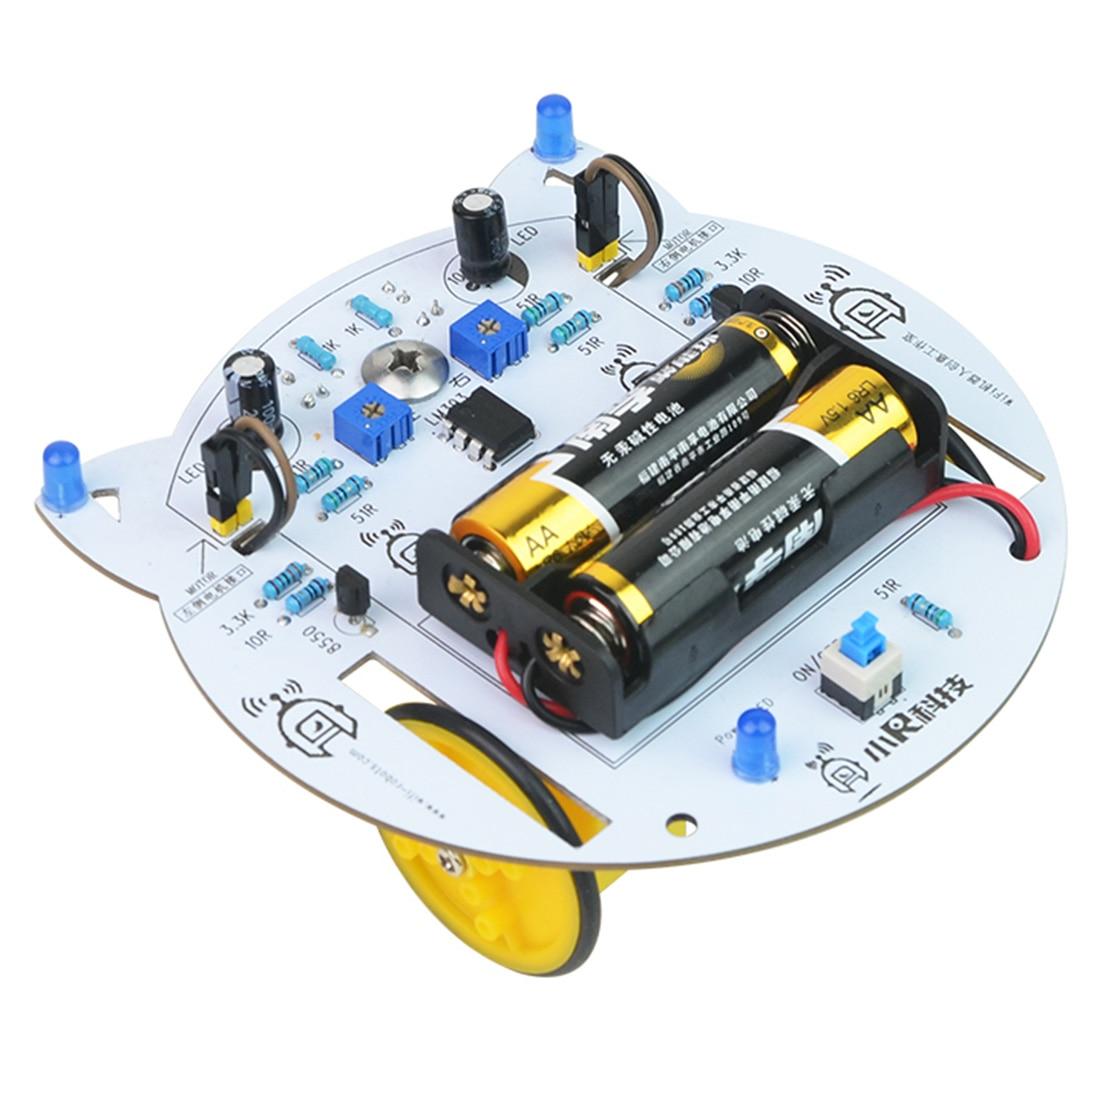 NFSTRIKE мини-Кот DIY умный радиоуправляемый робот-автомобиль отслеживающий паровой обучающий комплект программируемые игрушки для детей мальчиков-без батареи - Color: Light Grey